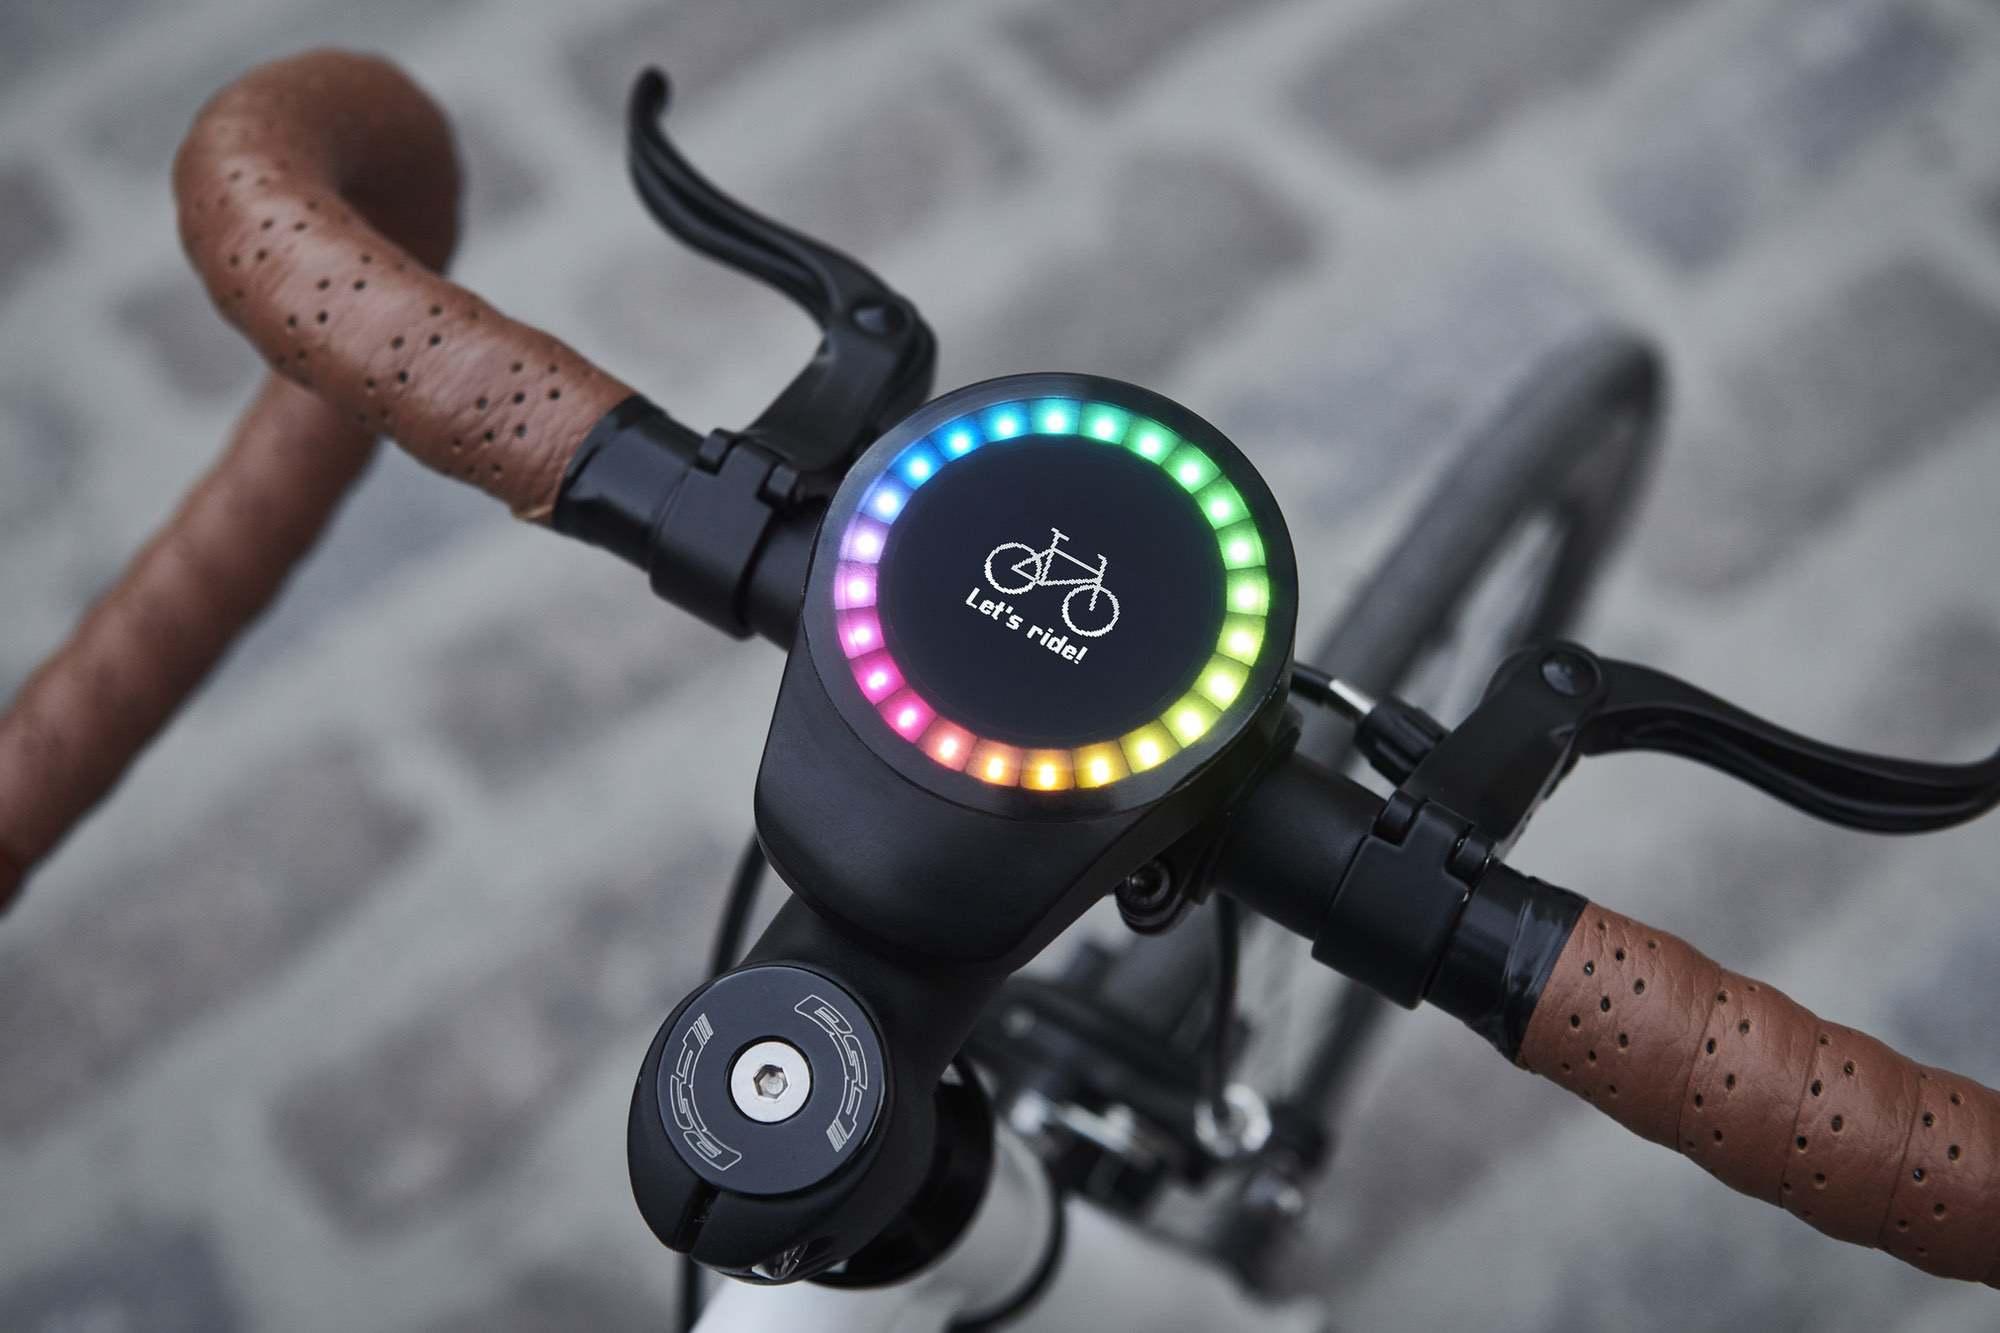 SmartHalo 2: Gadget fürs Fahrrad macht Bike wesentlich smarter